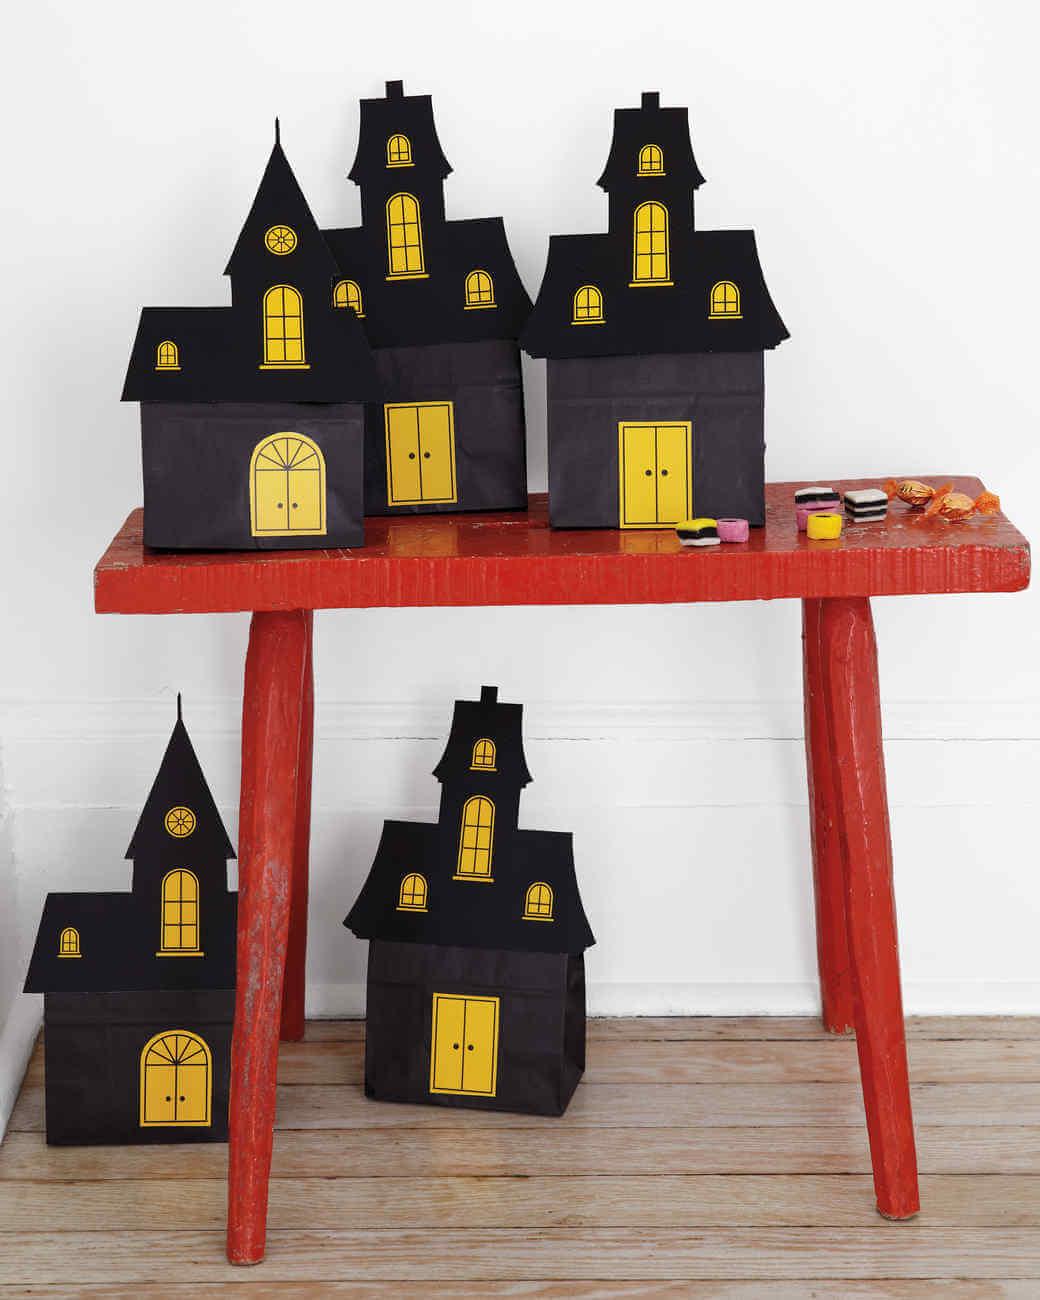 Halloween Decorations Indoor: Spooky Indoor Halloween Decoration Ideas